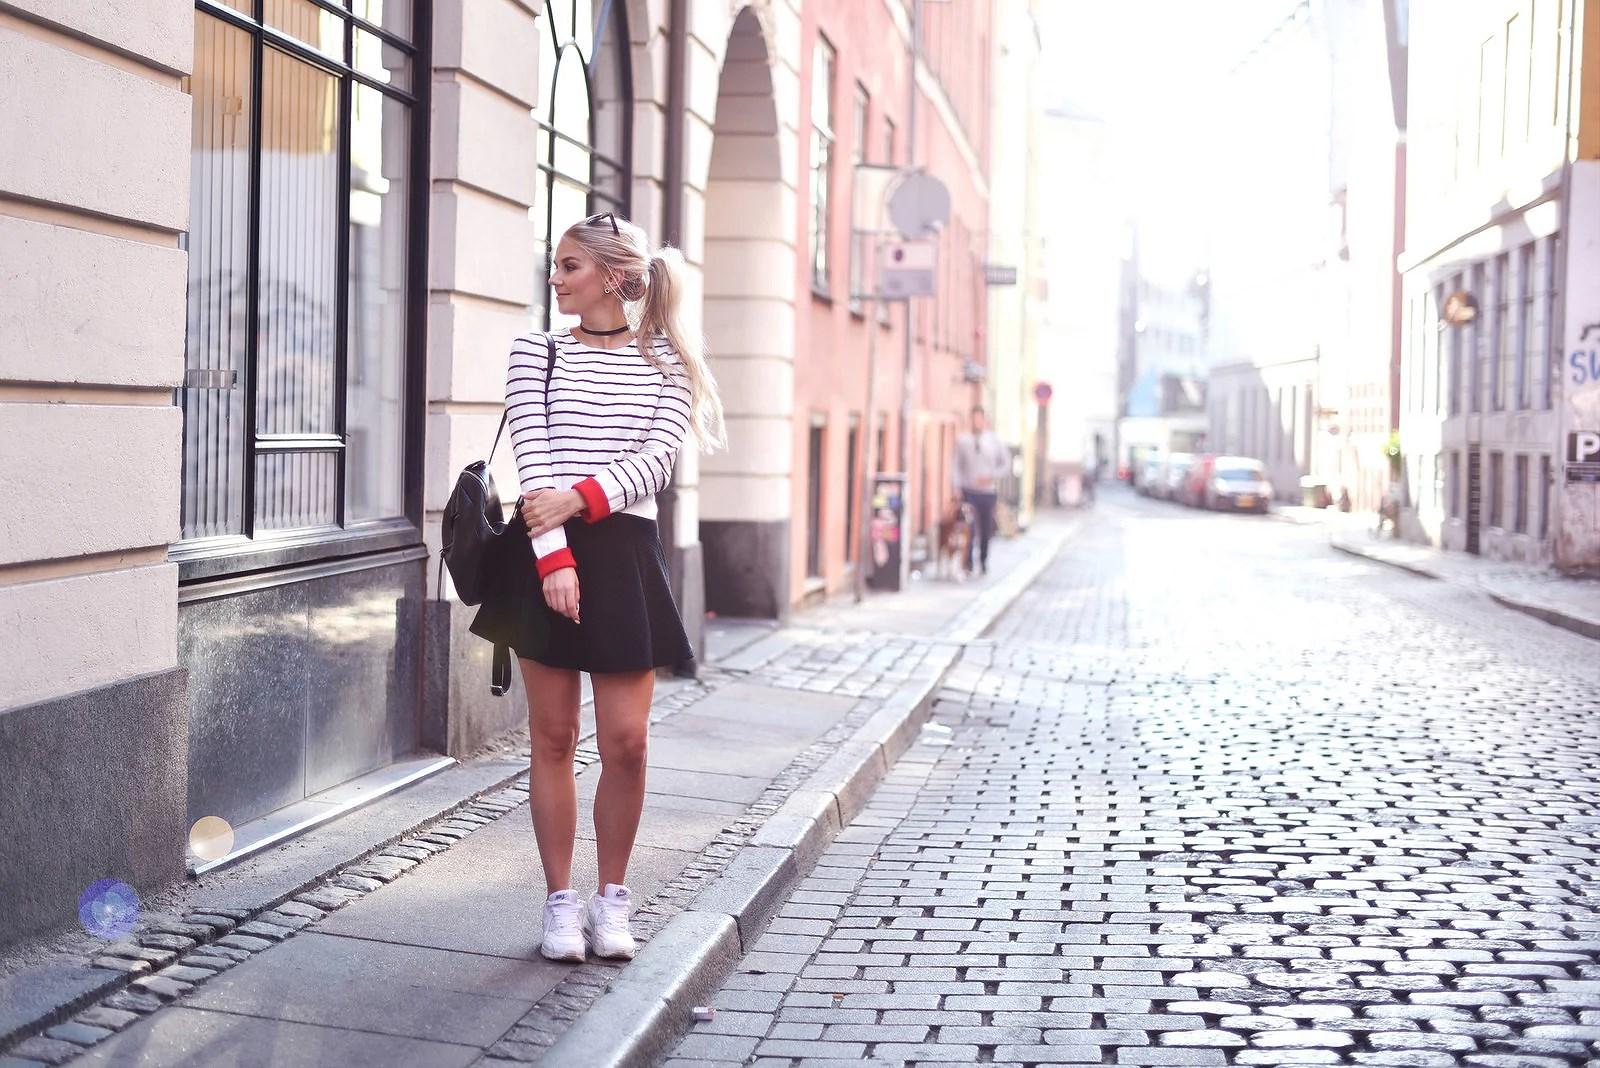 Stripes & cozy things